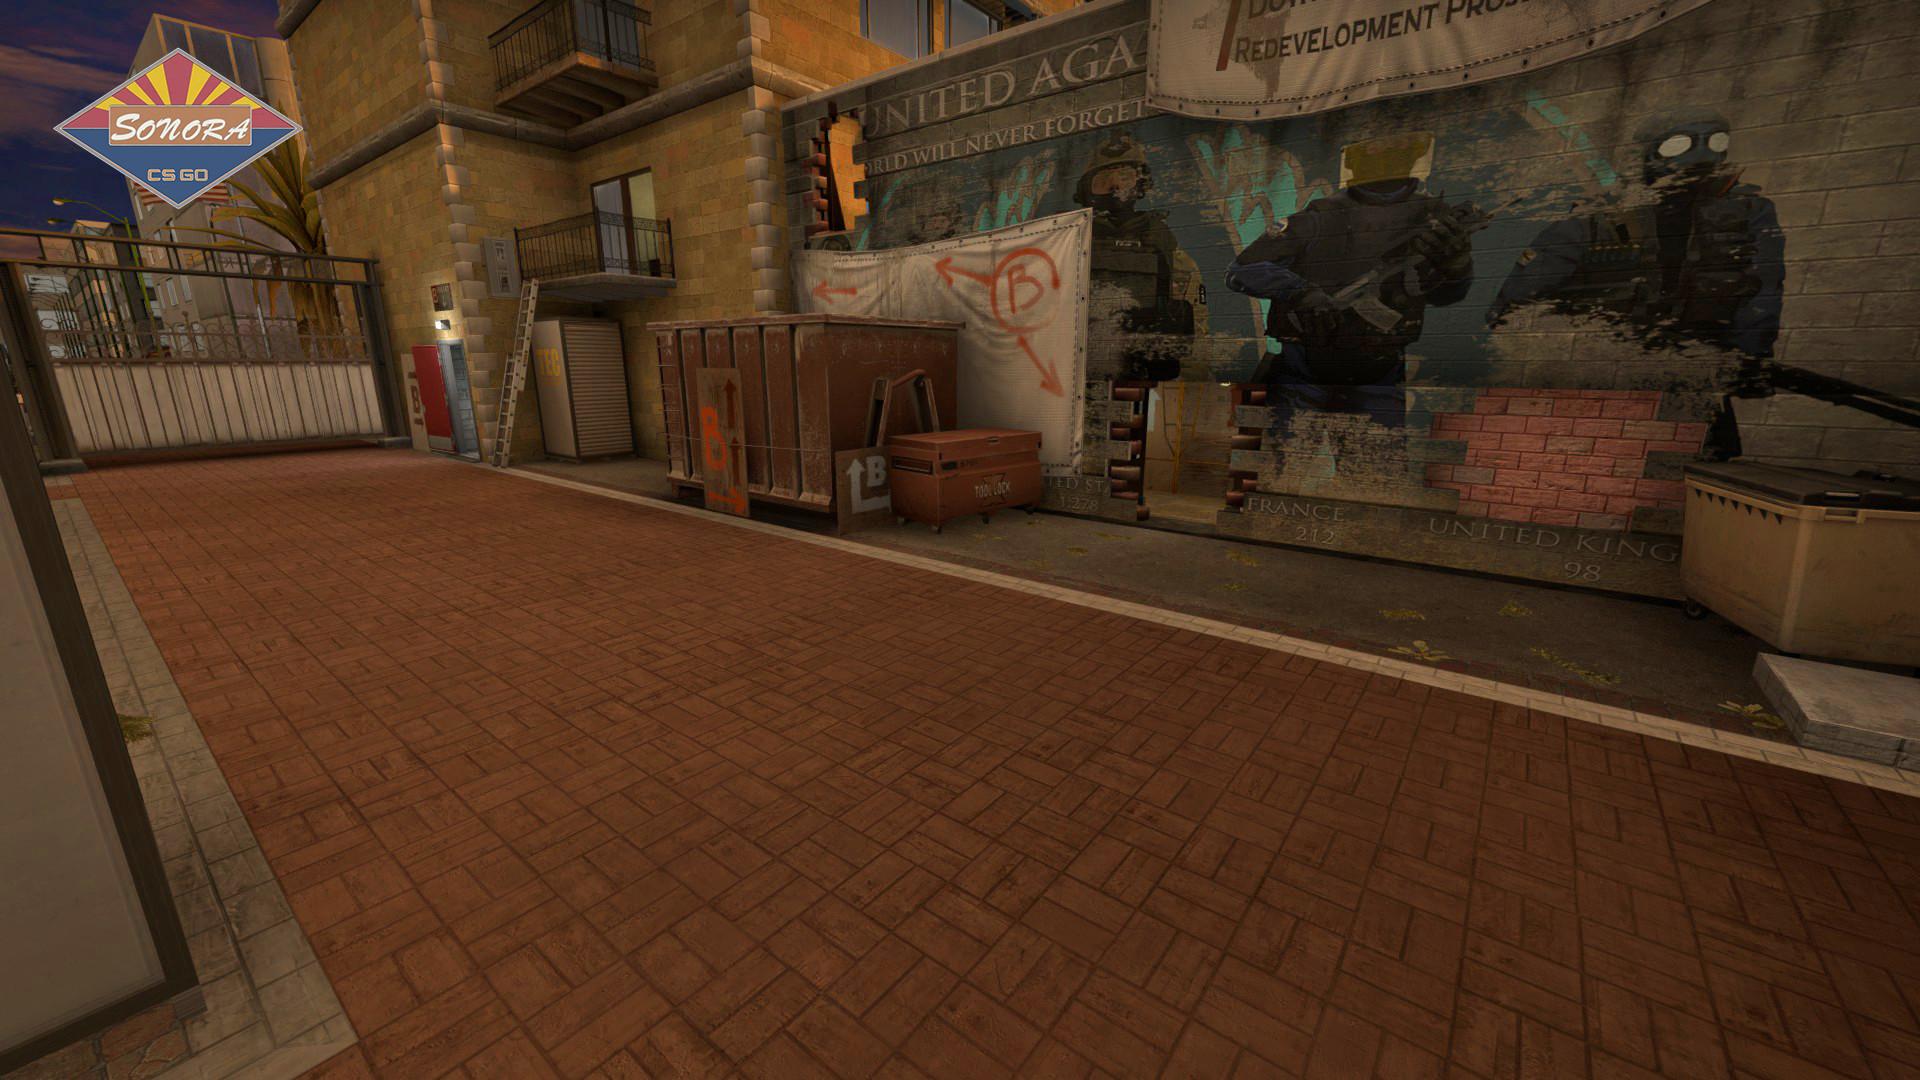 9-wall.jpg.b1cb9682b0a8a4fcb1911367ef6c9d1e.jpg